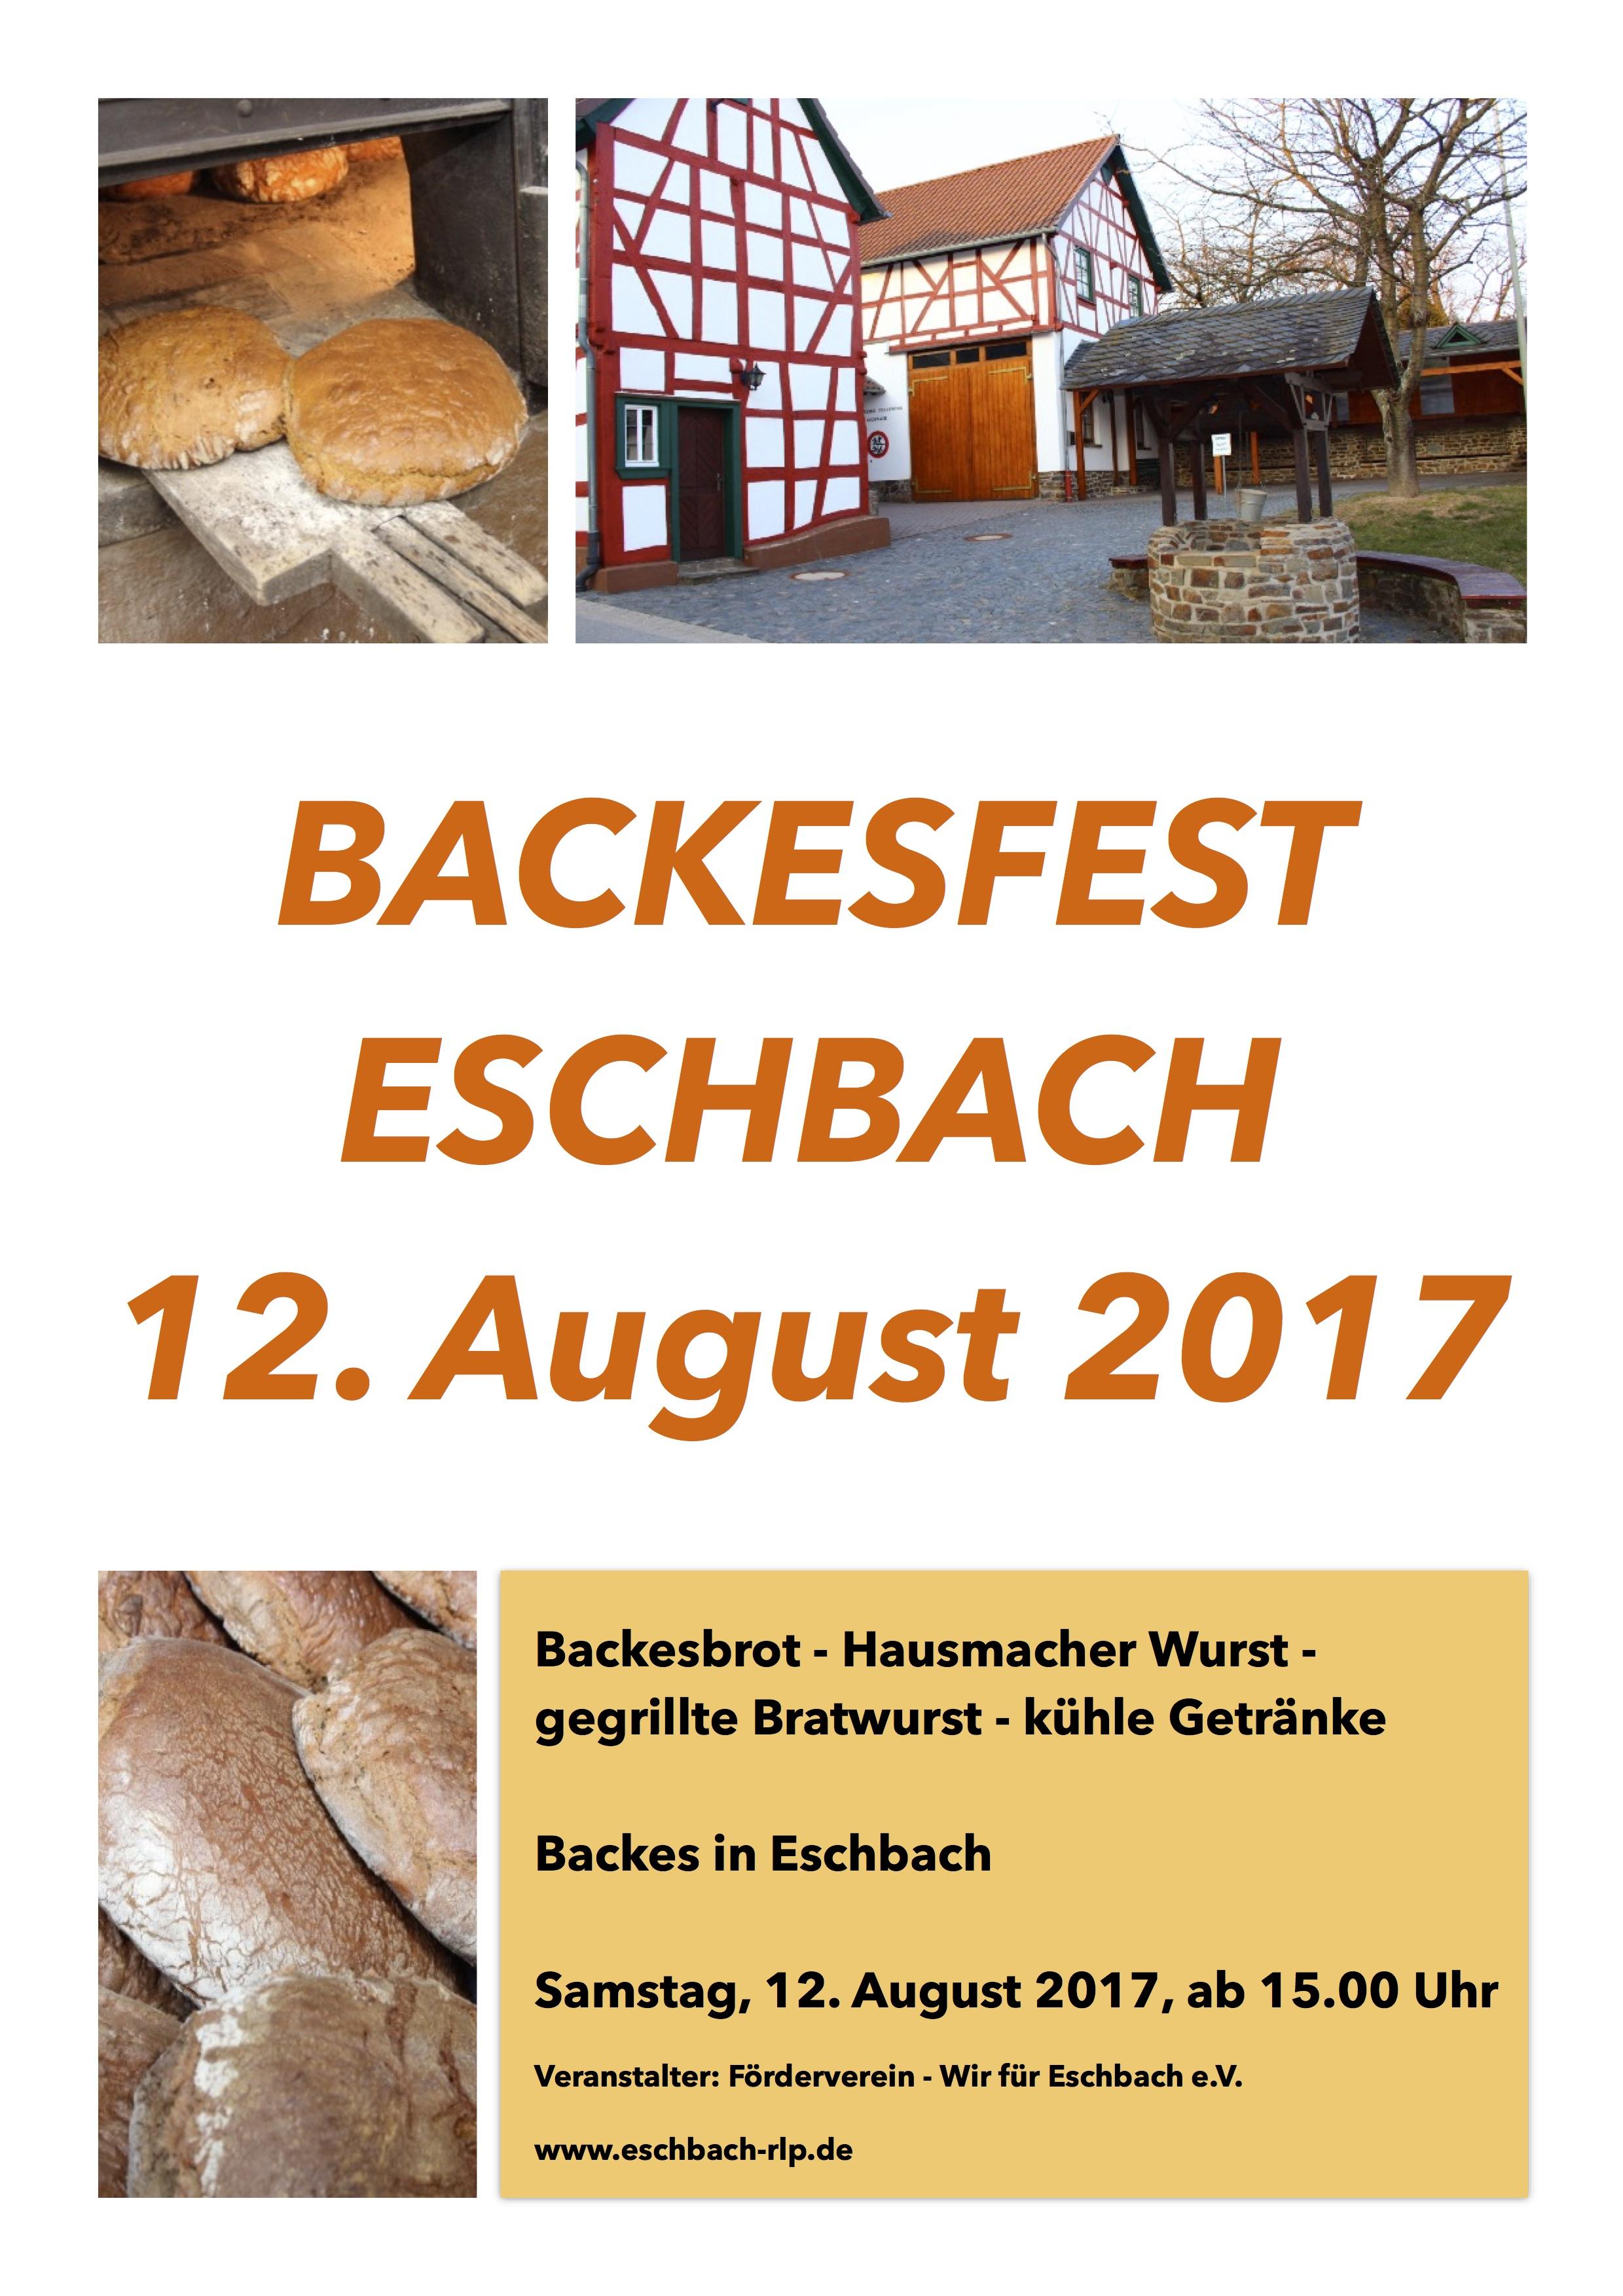 backesfest 2017 – herzliche einladung – eschbach, Einladung